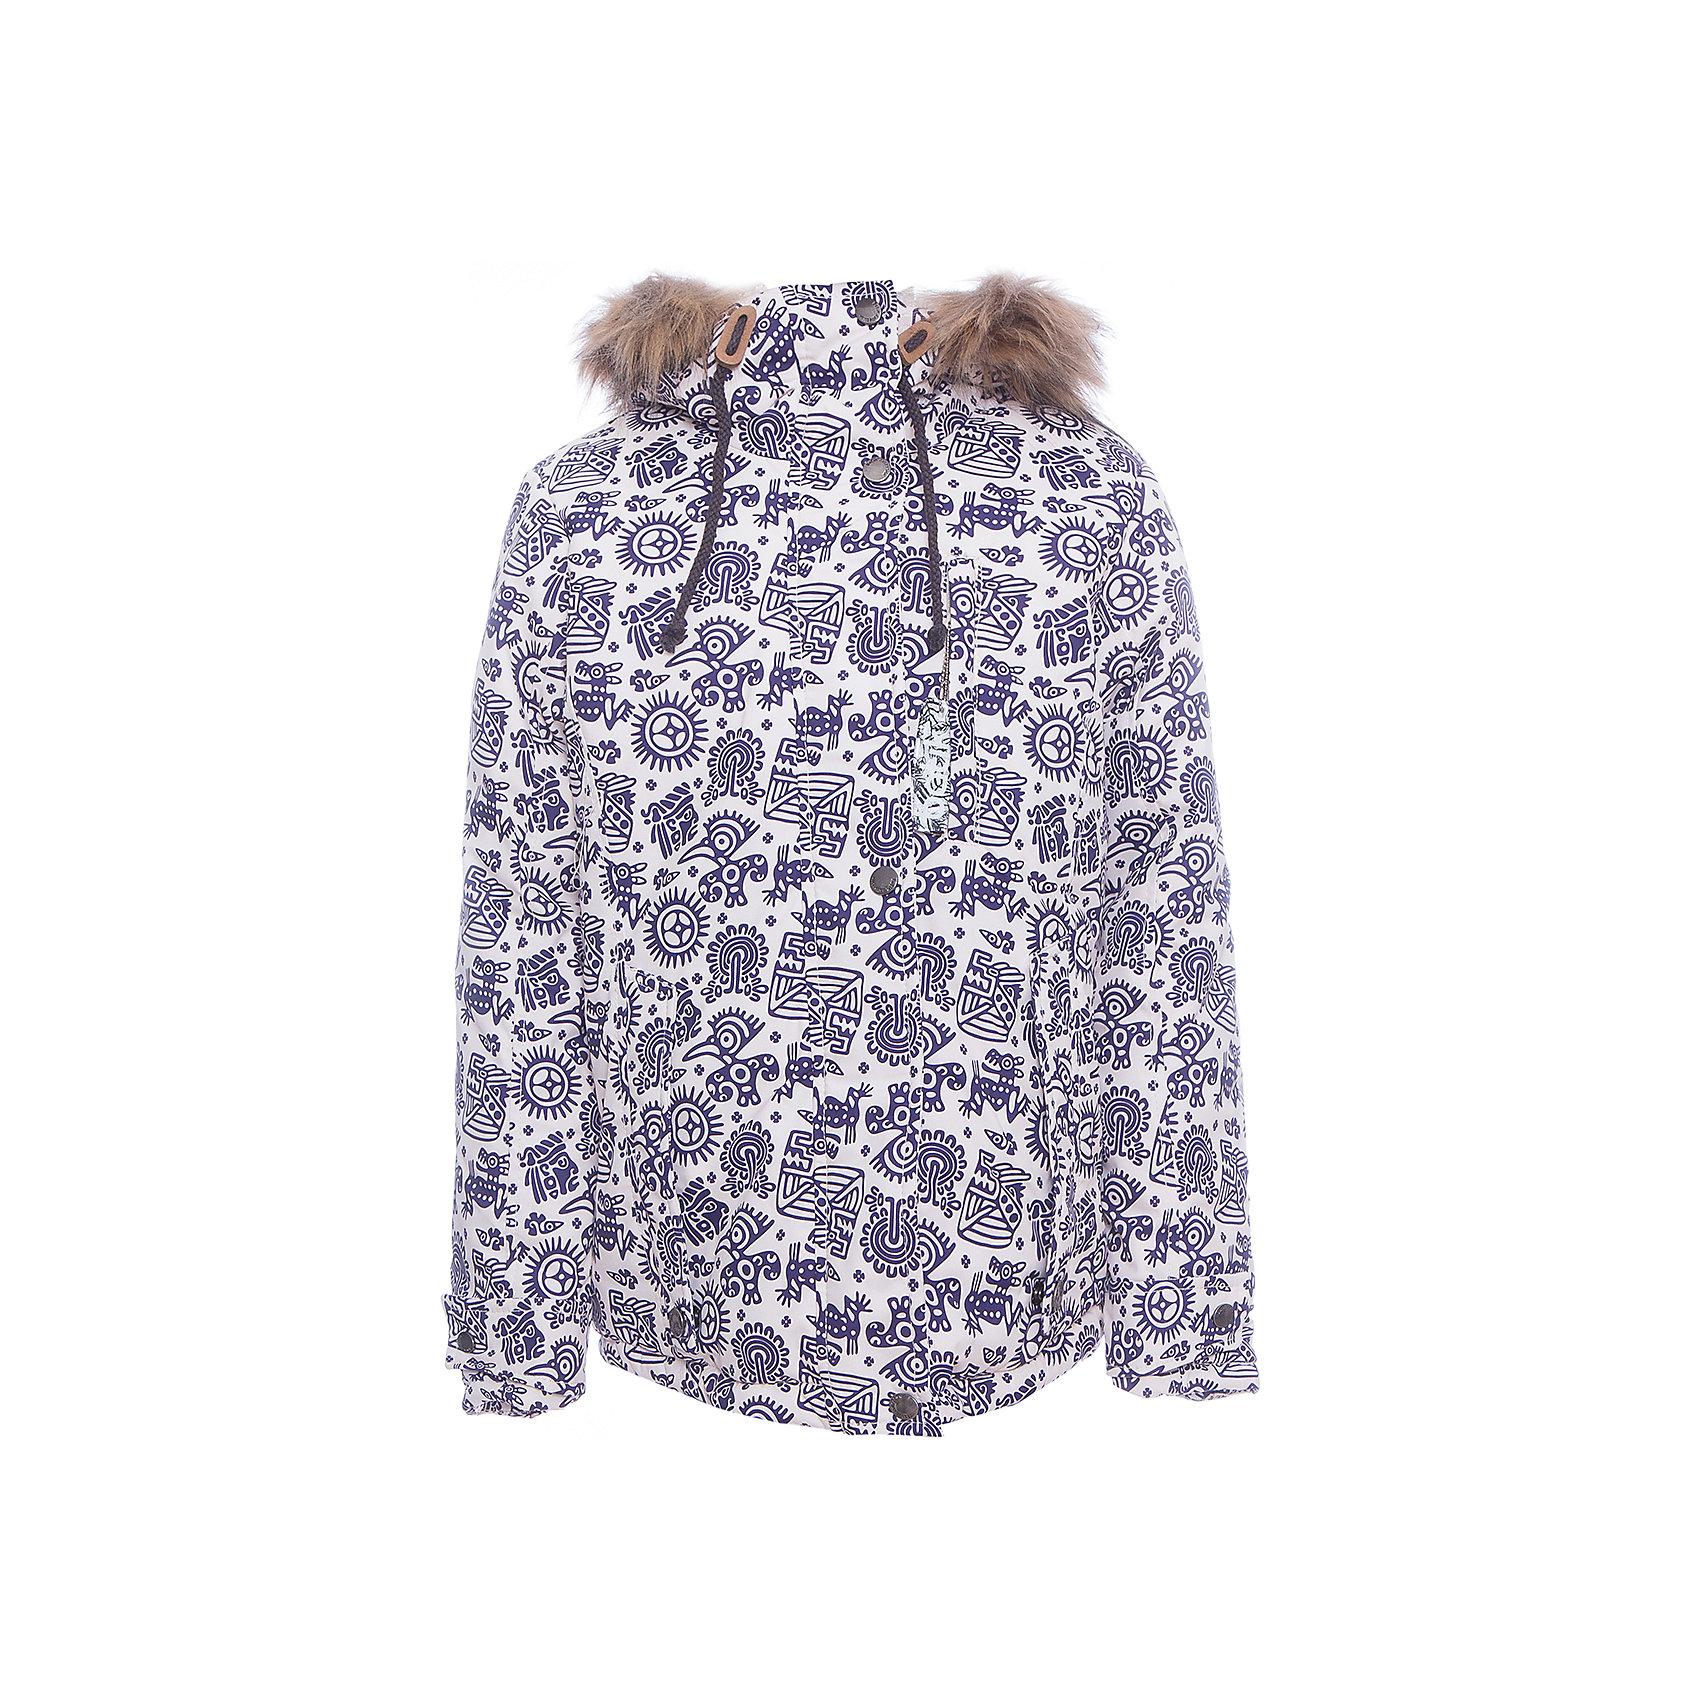 Куртка Мэй Batik для девочкиВерхняя одежда<br>Характеристики товара:<br><br>• цвет: бежевый<br>• состав ткани: таслан<br>• подкладка: поларфлис<br>• утеплитель: слайтекс<br>• сезон: зима<br>• мембранное покрытие<br>• температурный режим: от -30 до 0<br>• водонепроницаемость: 5000 мм <br>• паропроницаемость: 5000 г/м2<br>• плотность утеплителя: 300 г/м2<br>• застежка: молния<br>• капюшон: с мехом<br>• наушники в комплекте<br>• страна бренда: Россия<br>• страна изготовитель: Россия<br><br>Эта стильная детская куртка продается в комплекте с наушниками. Мягкая подкладка детской куртки для зимы делает её очень комфортной. Эта теплая куртка для девочки позволяет коже дышать благодаря мембране. Плотный верх детской зимней куртки не промокает и не продувается, его легко чистить. <br><br>Куртку Мэй Batik (Батик) для девочки можно купить в нашем интернет-магазине.<br><br>Ширина мм: 356<br>Глубина мм: 10<br>Высота мм: 245<br>Вес г: 519<br>Цвет: бежевый<br>Возраст от месяцев: 156<br>Возраст до месяцев: 168<br>Пол: Женский<br>Возраст: Детский<br>Размер: 164,134,140,146,152,158<br>SKU: 7028234